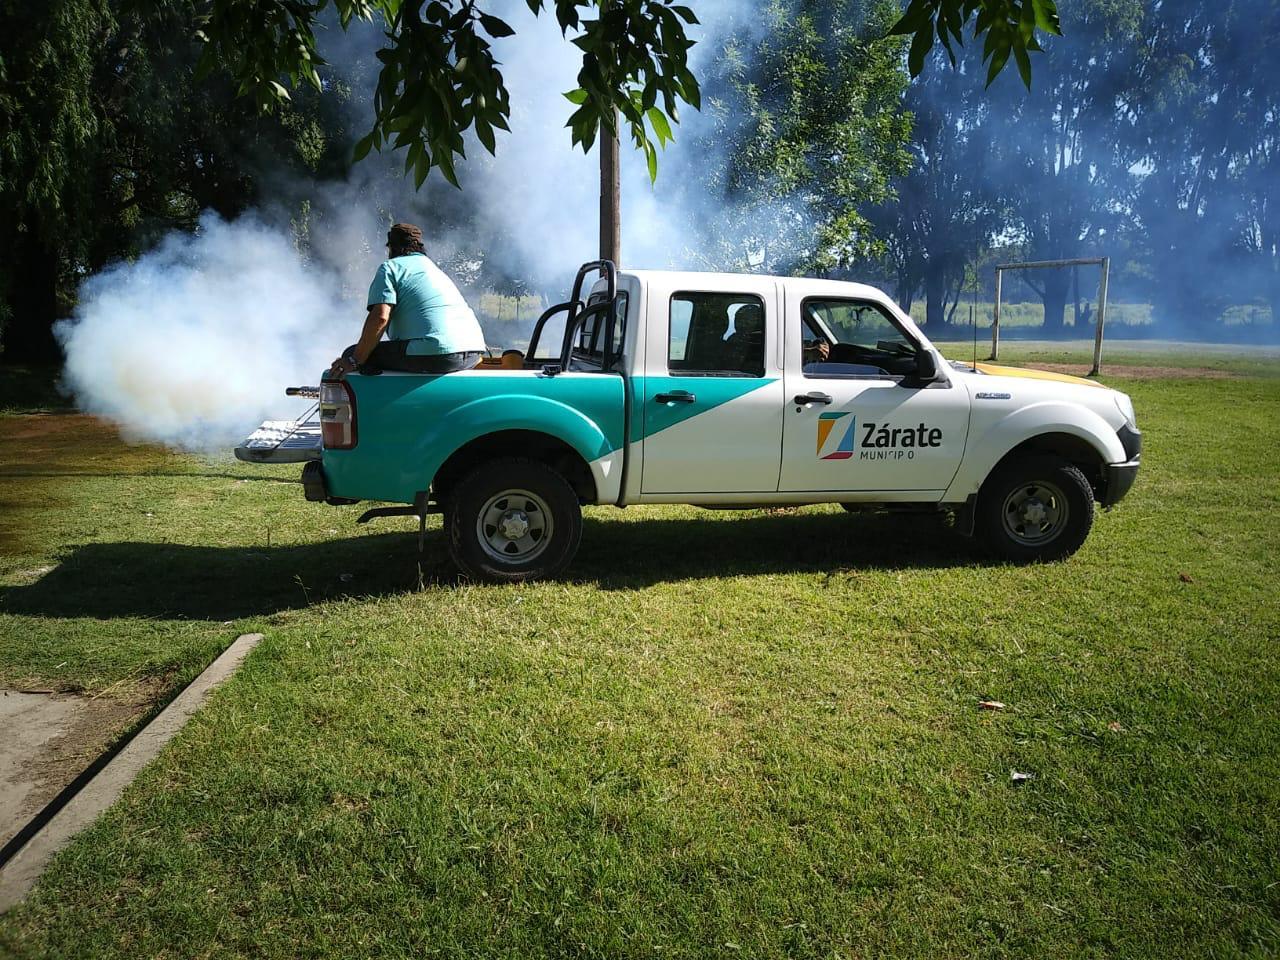 La Secretaría de Salud continúa fumigando los espacios públicos en Zárate y Lima